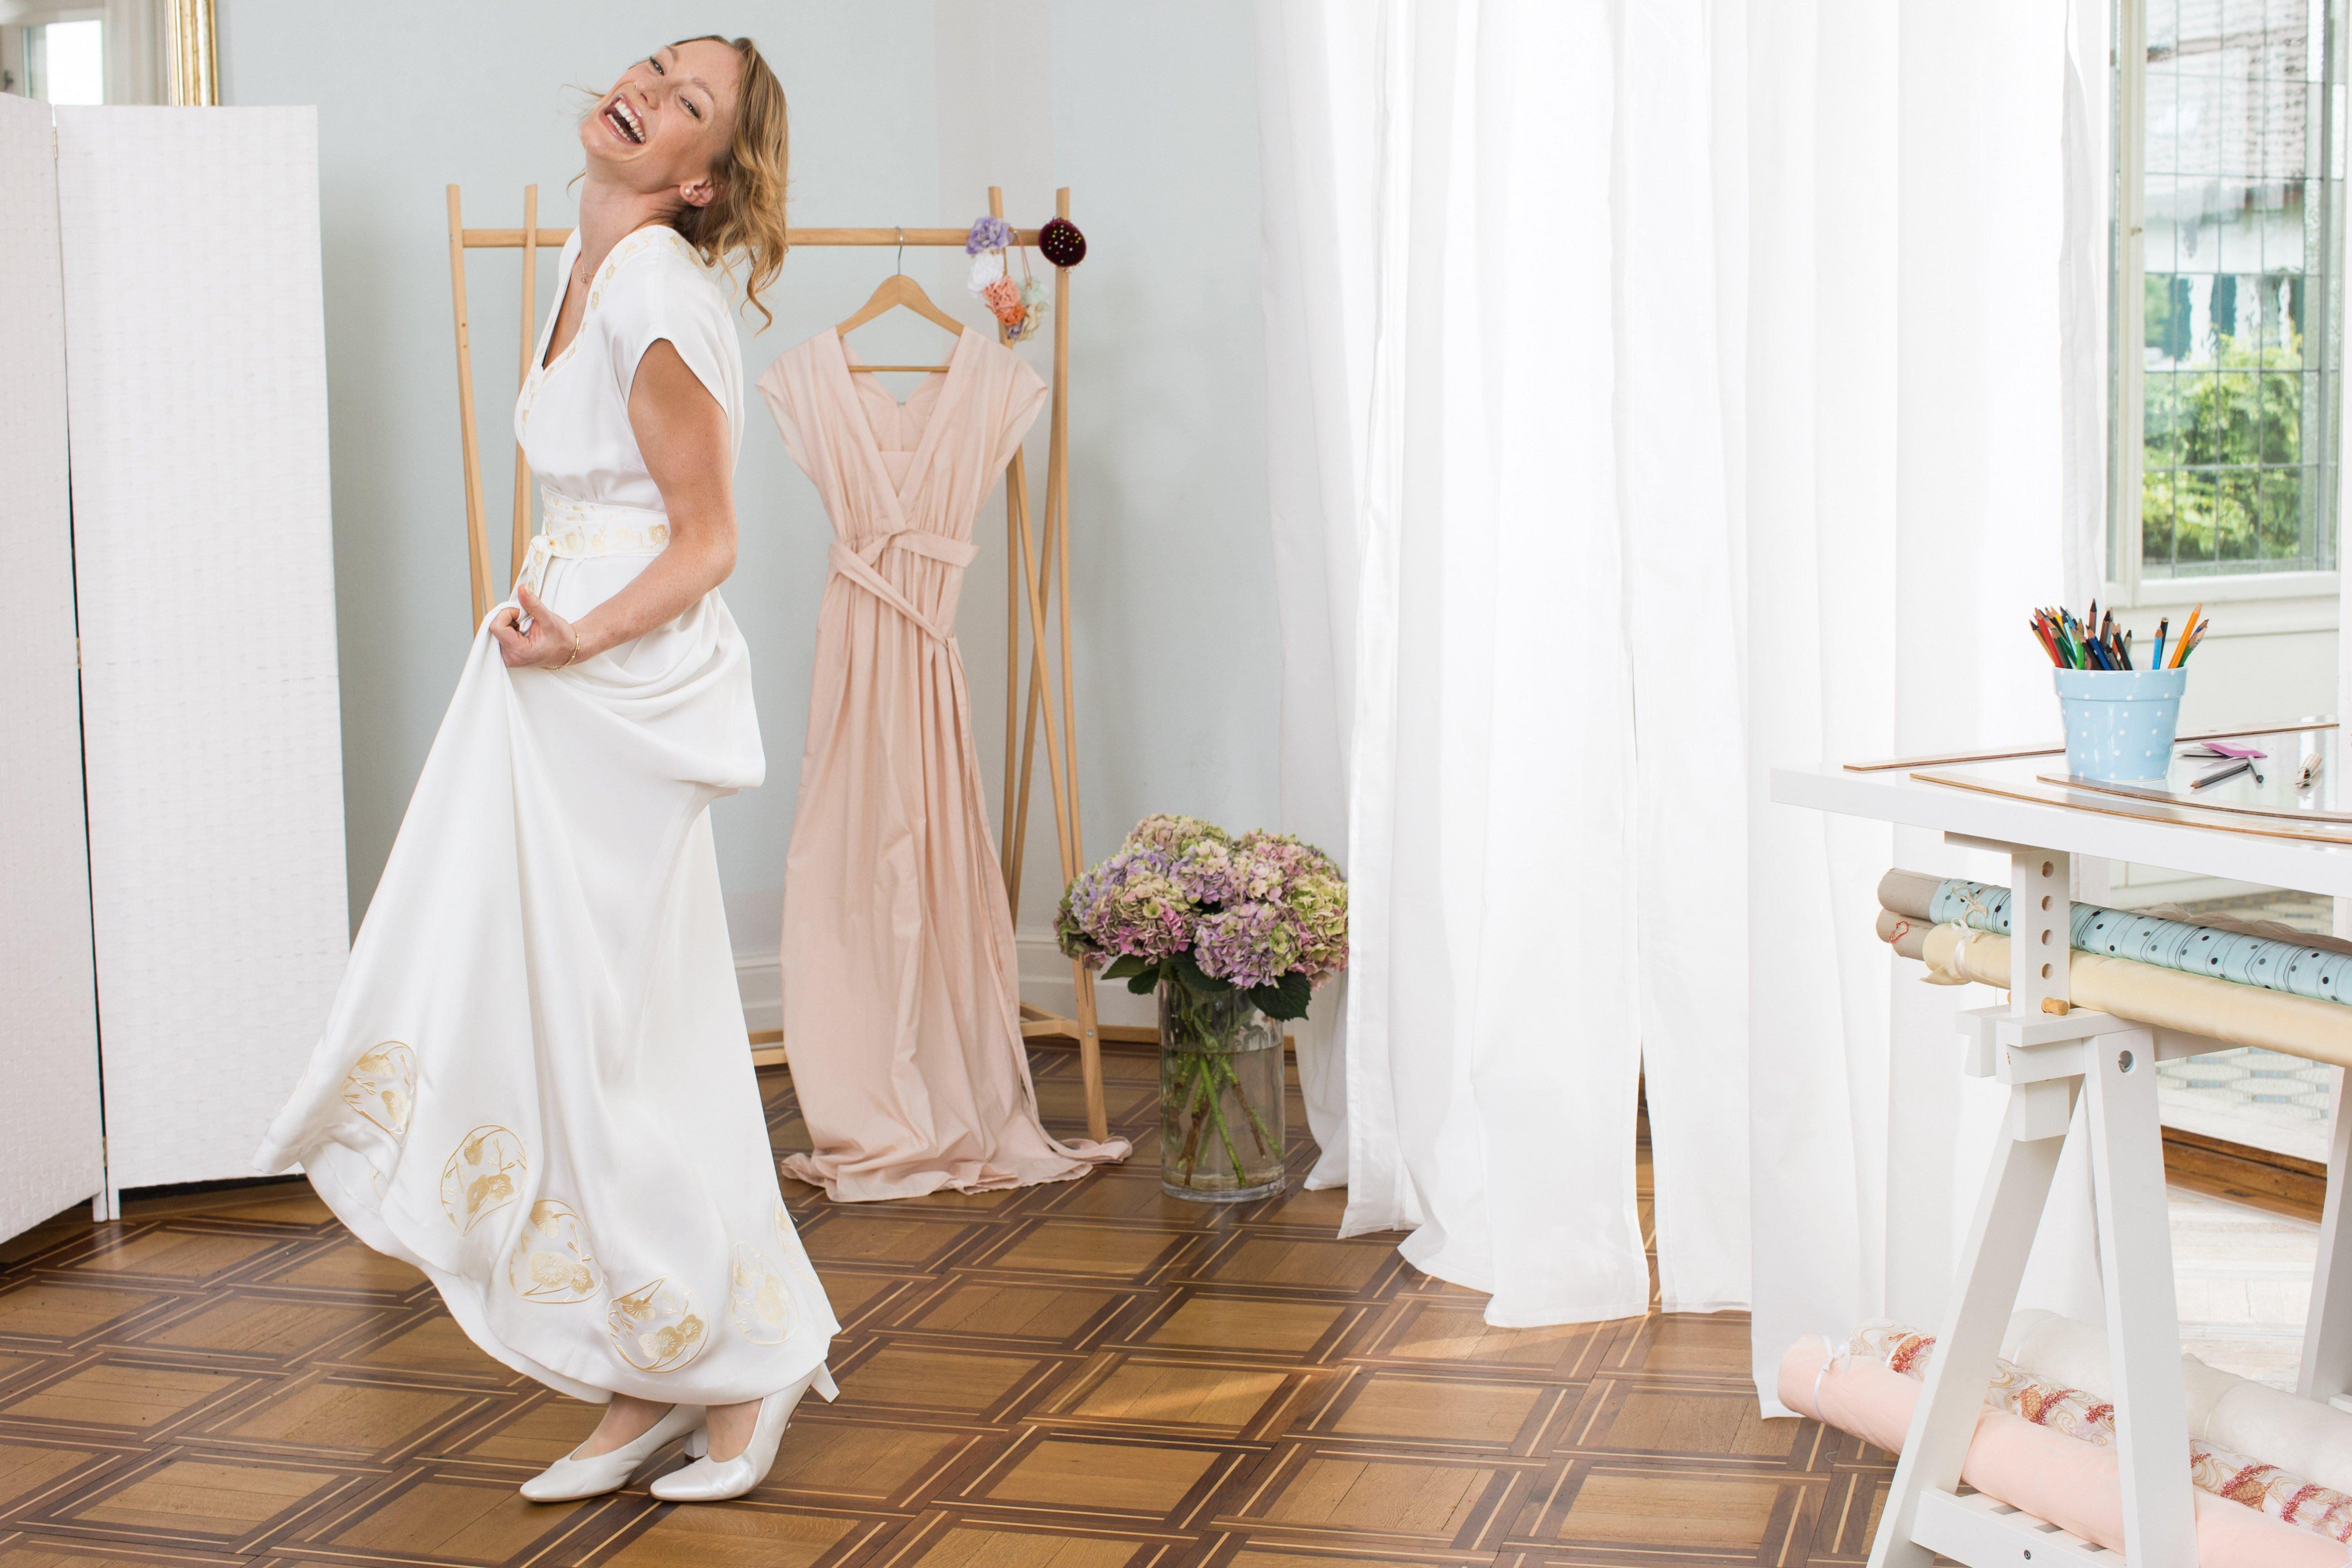 Nähanleitung und Schnittmuster für ein Brautkleid